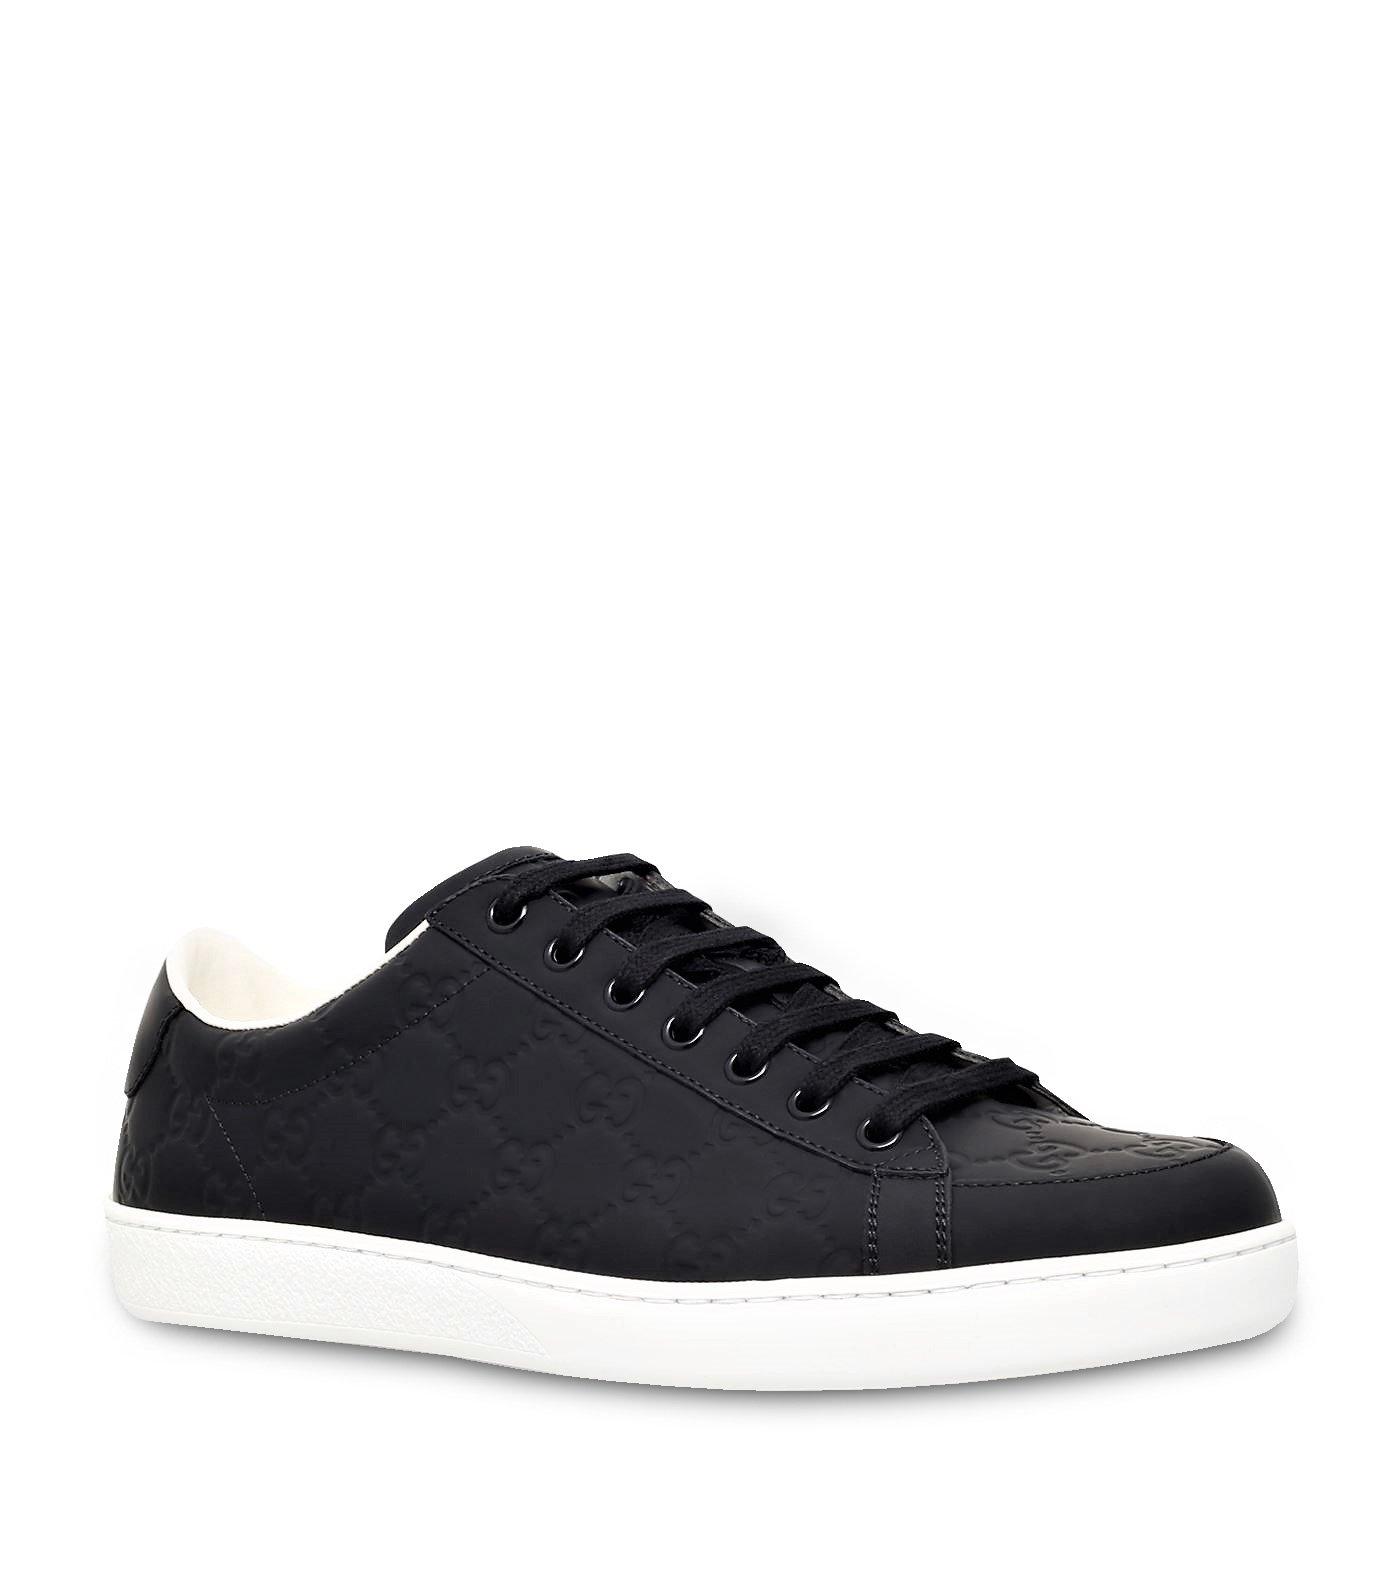 888d9f848 Galleon - Gucci Men's Brooklyn Guccissima Rubberized Leather Sneaker, Black  (Nero) 322734 (US 12 UK 11.5)